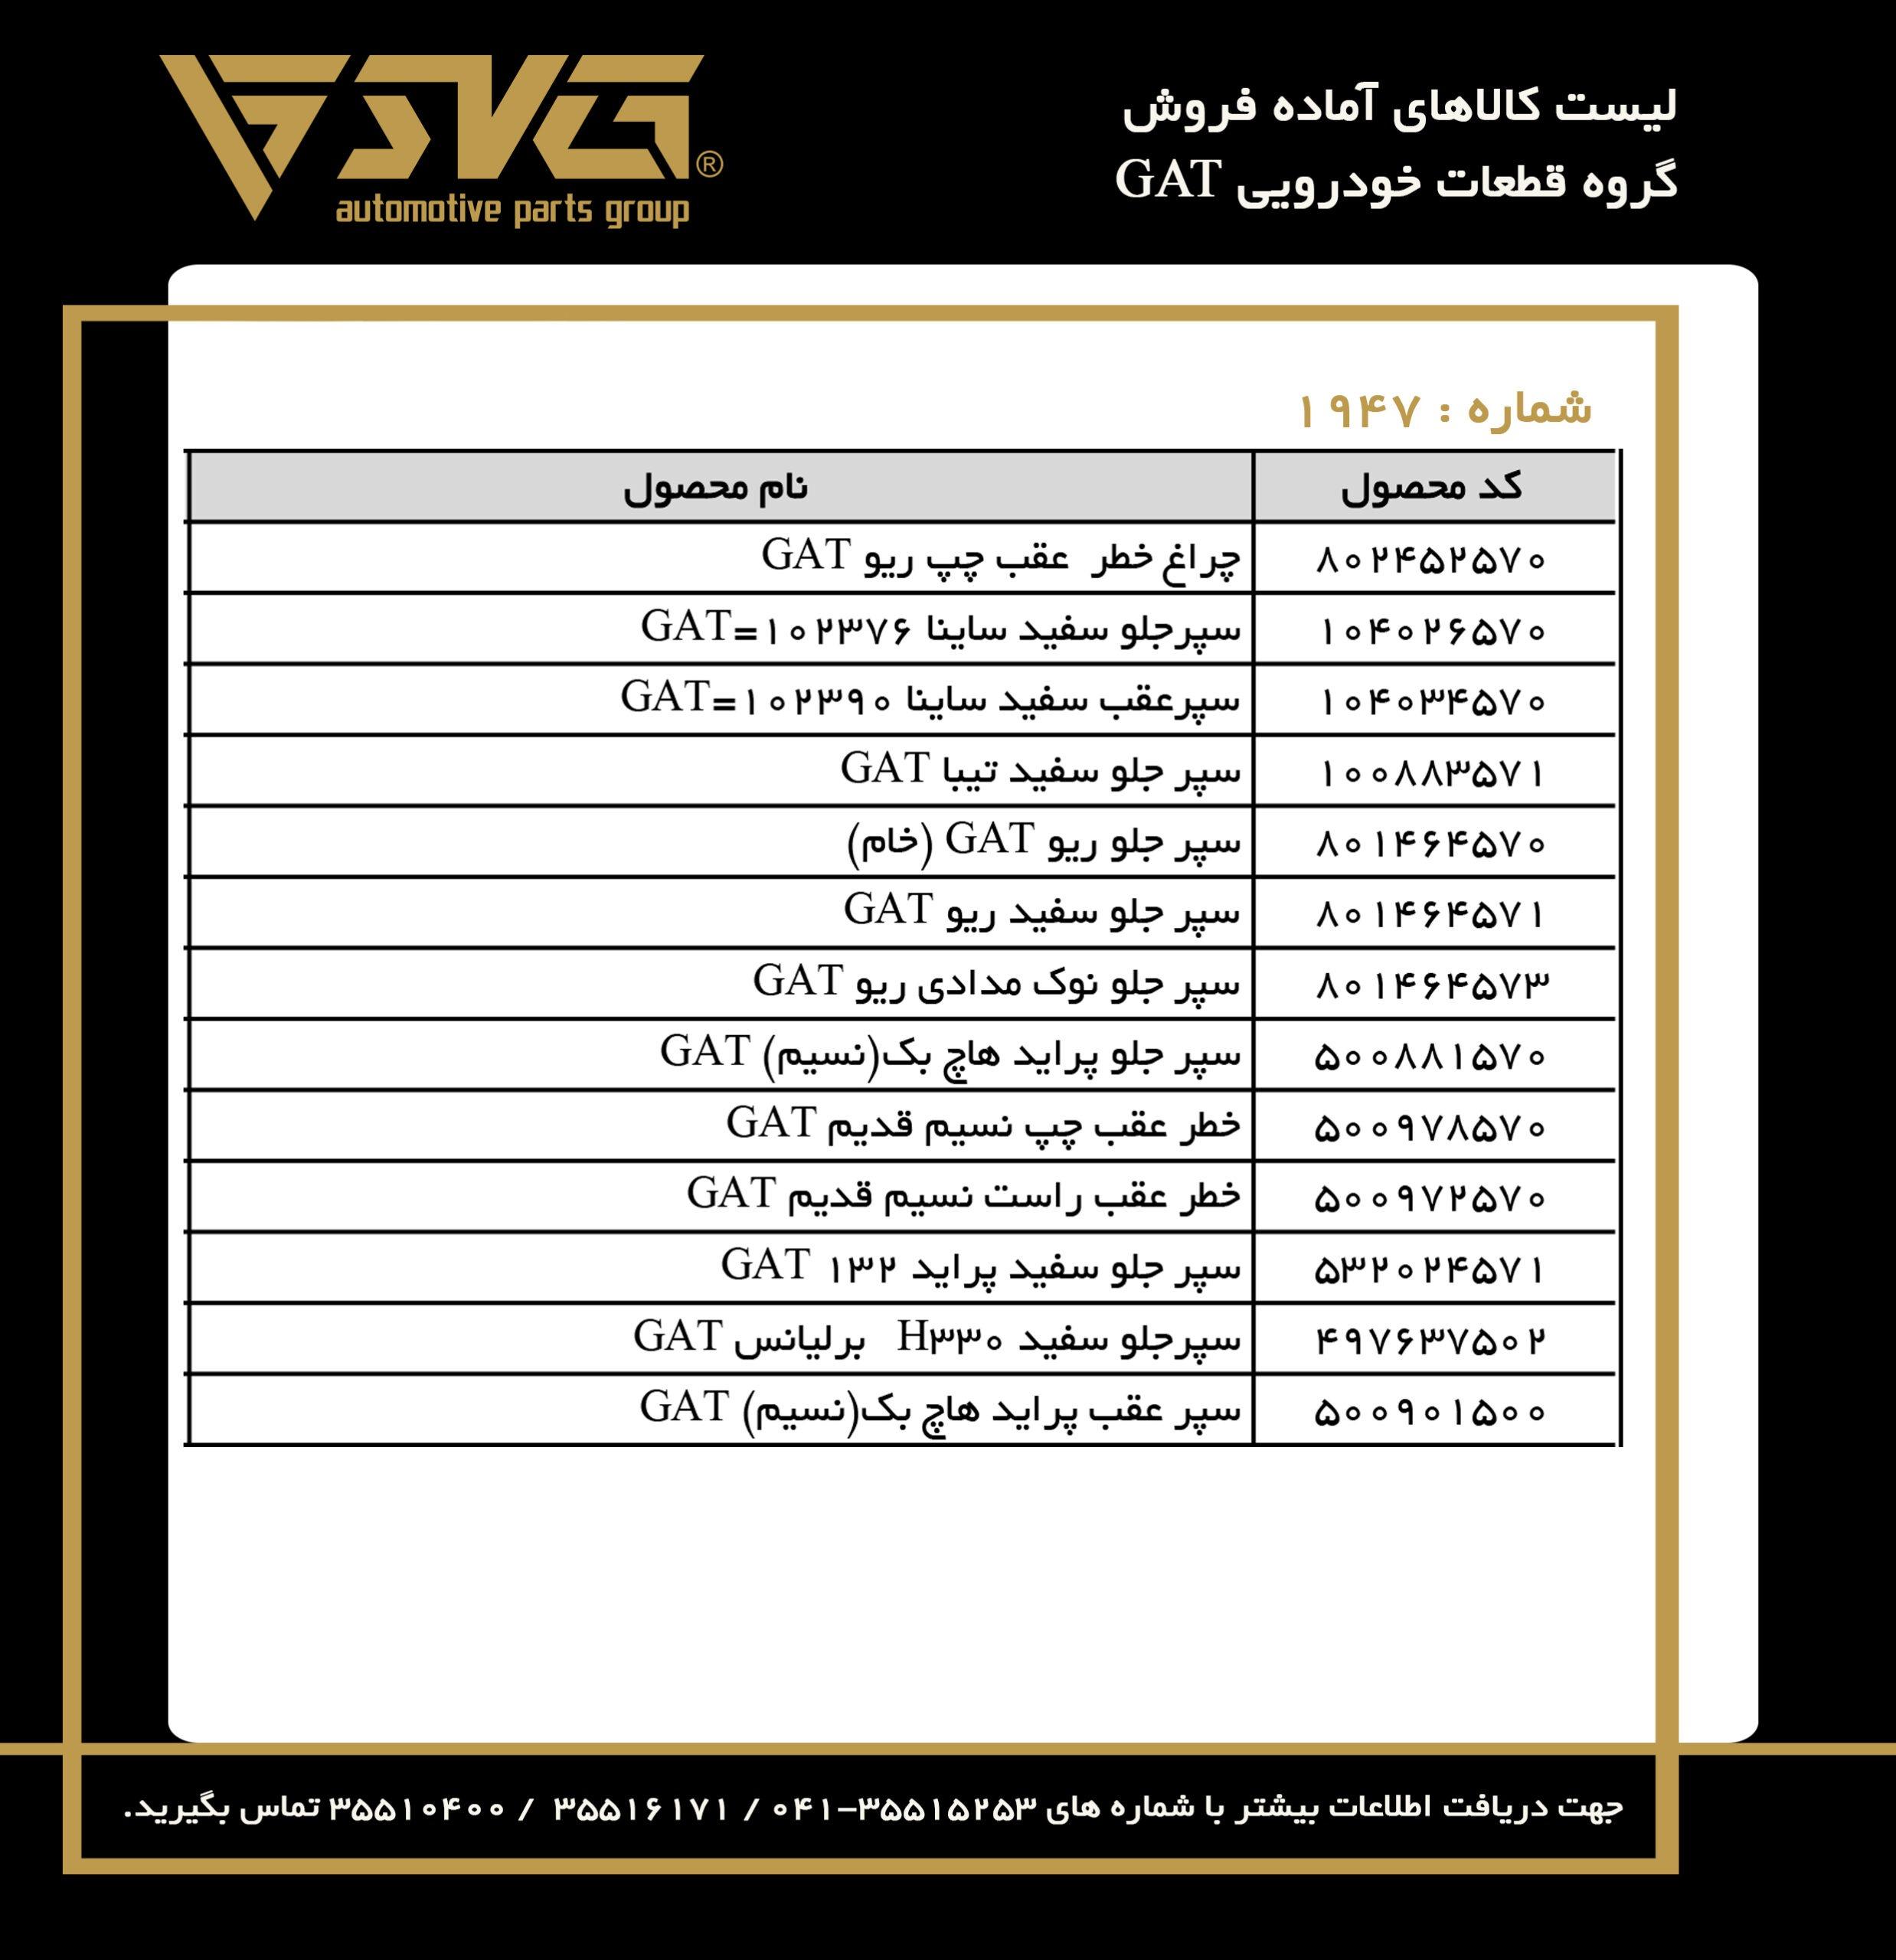 آماده فروش 28 بهمن 99